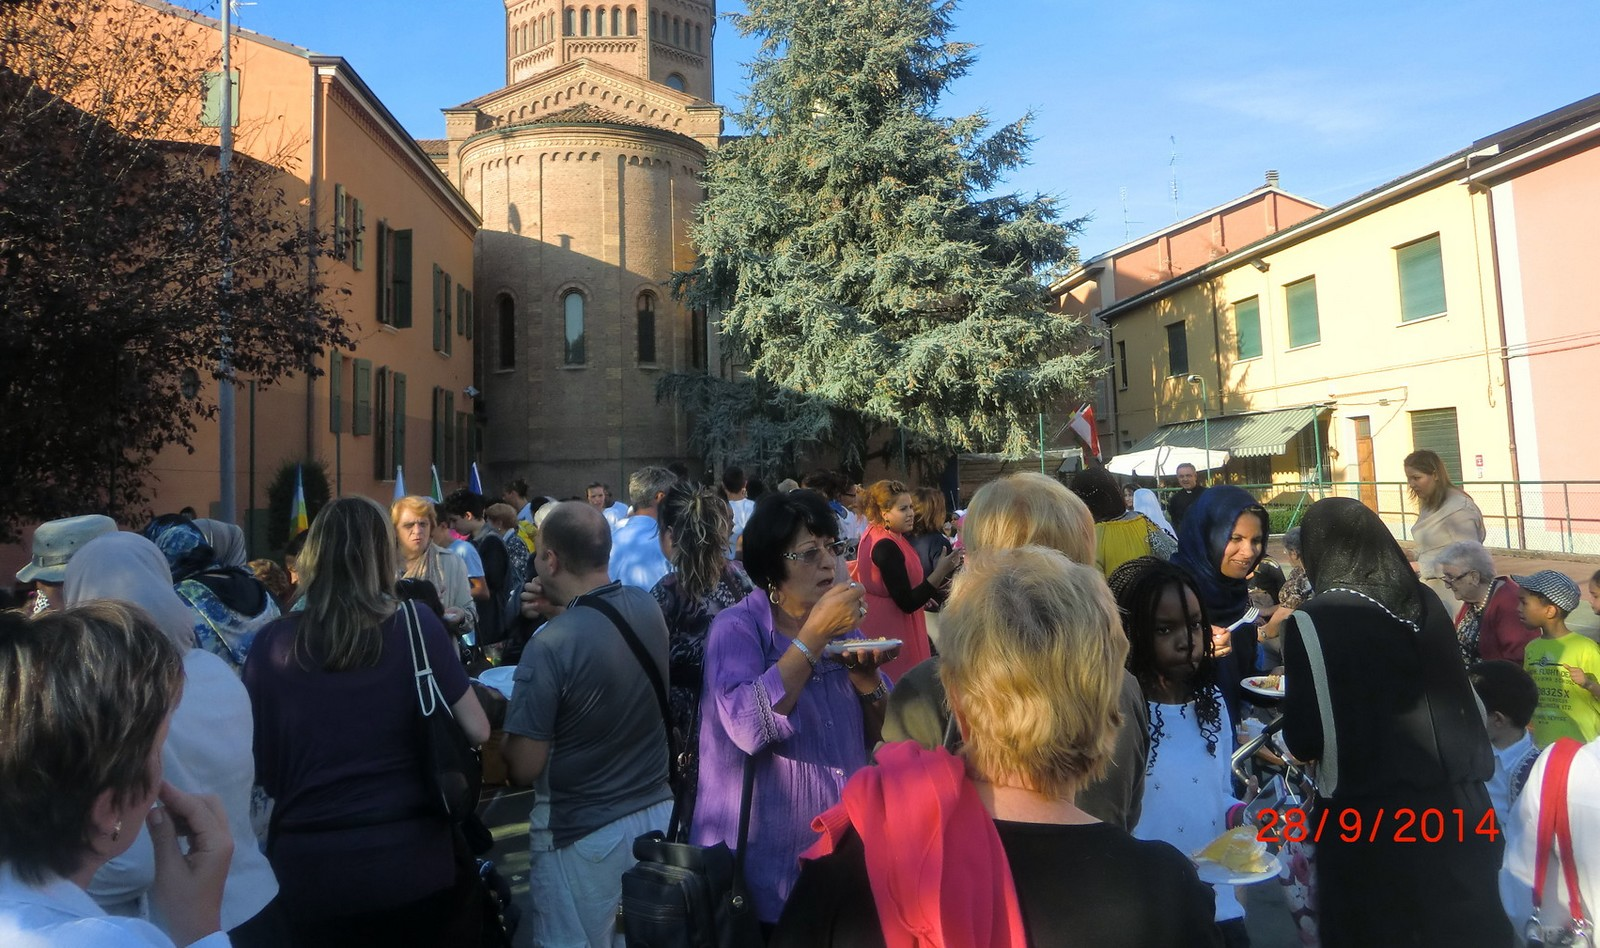 Dones Sanadores: Nuestra Señora de la Providencia de Piumazzo, Italia (20 dic, 1º dgo jun)